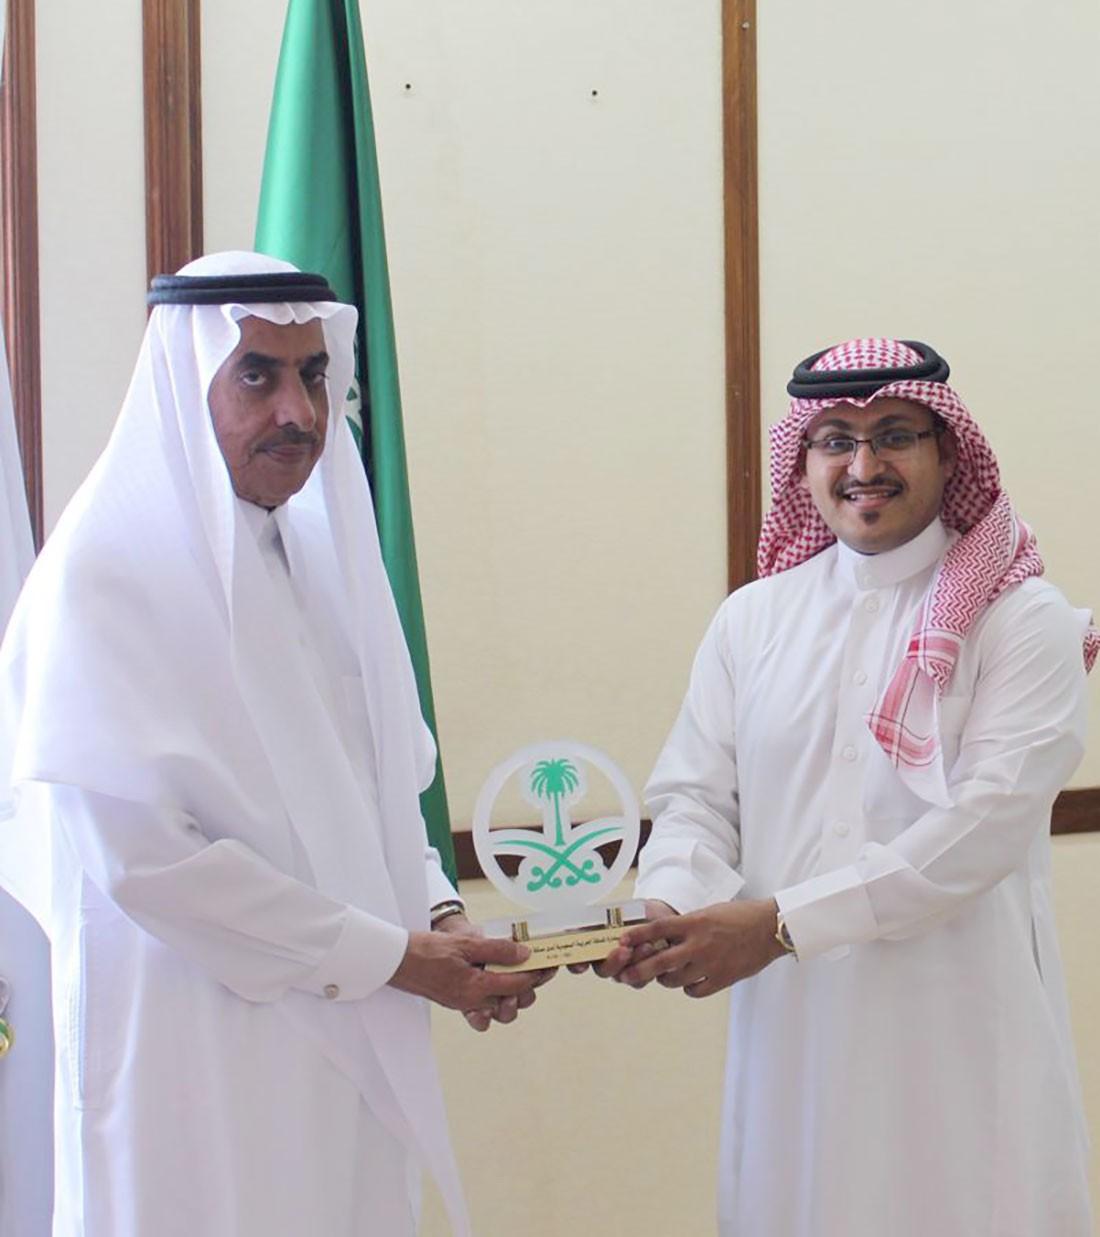 السفير السعودي يكرم الفنان عصام الدعيس